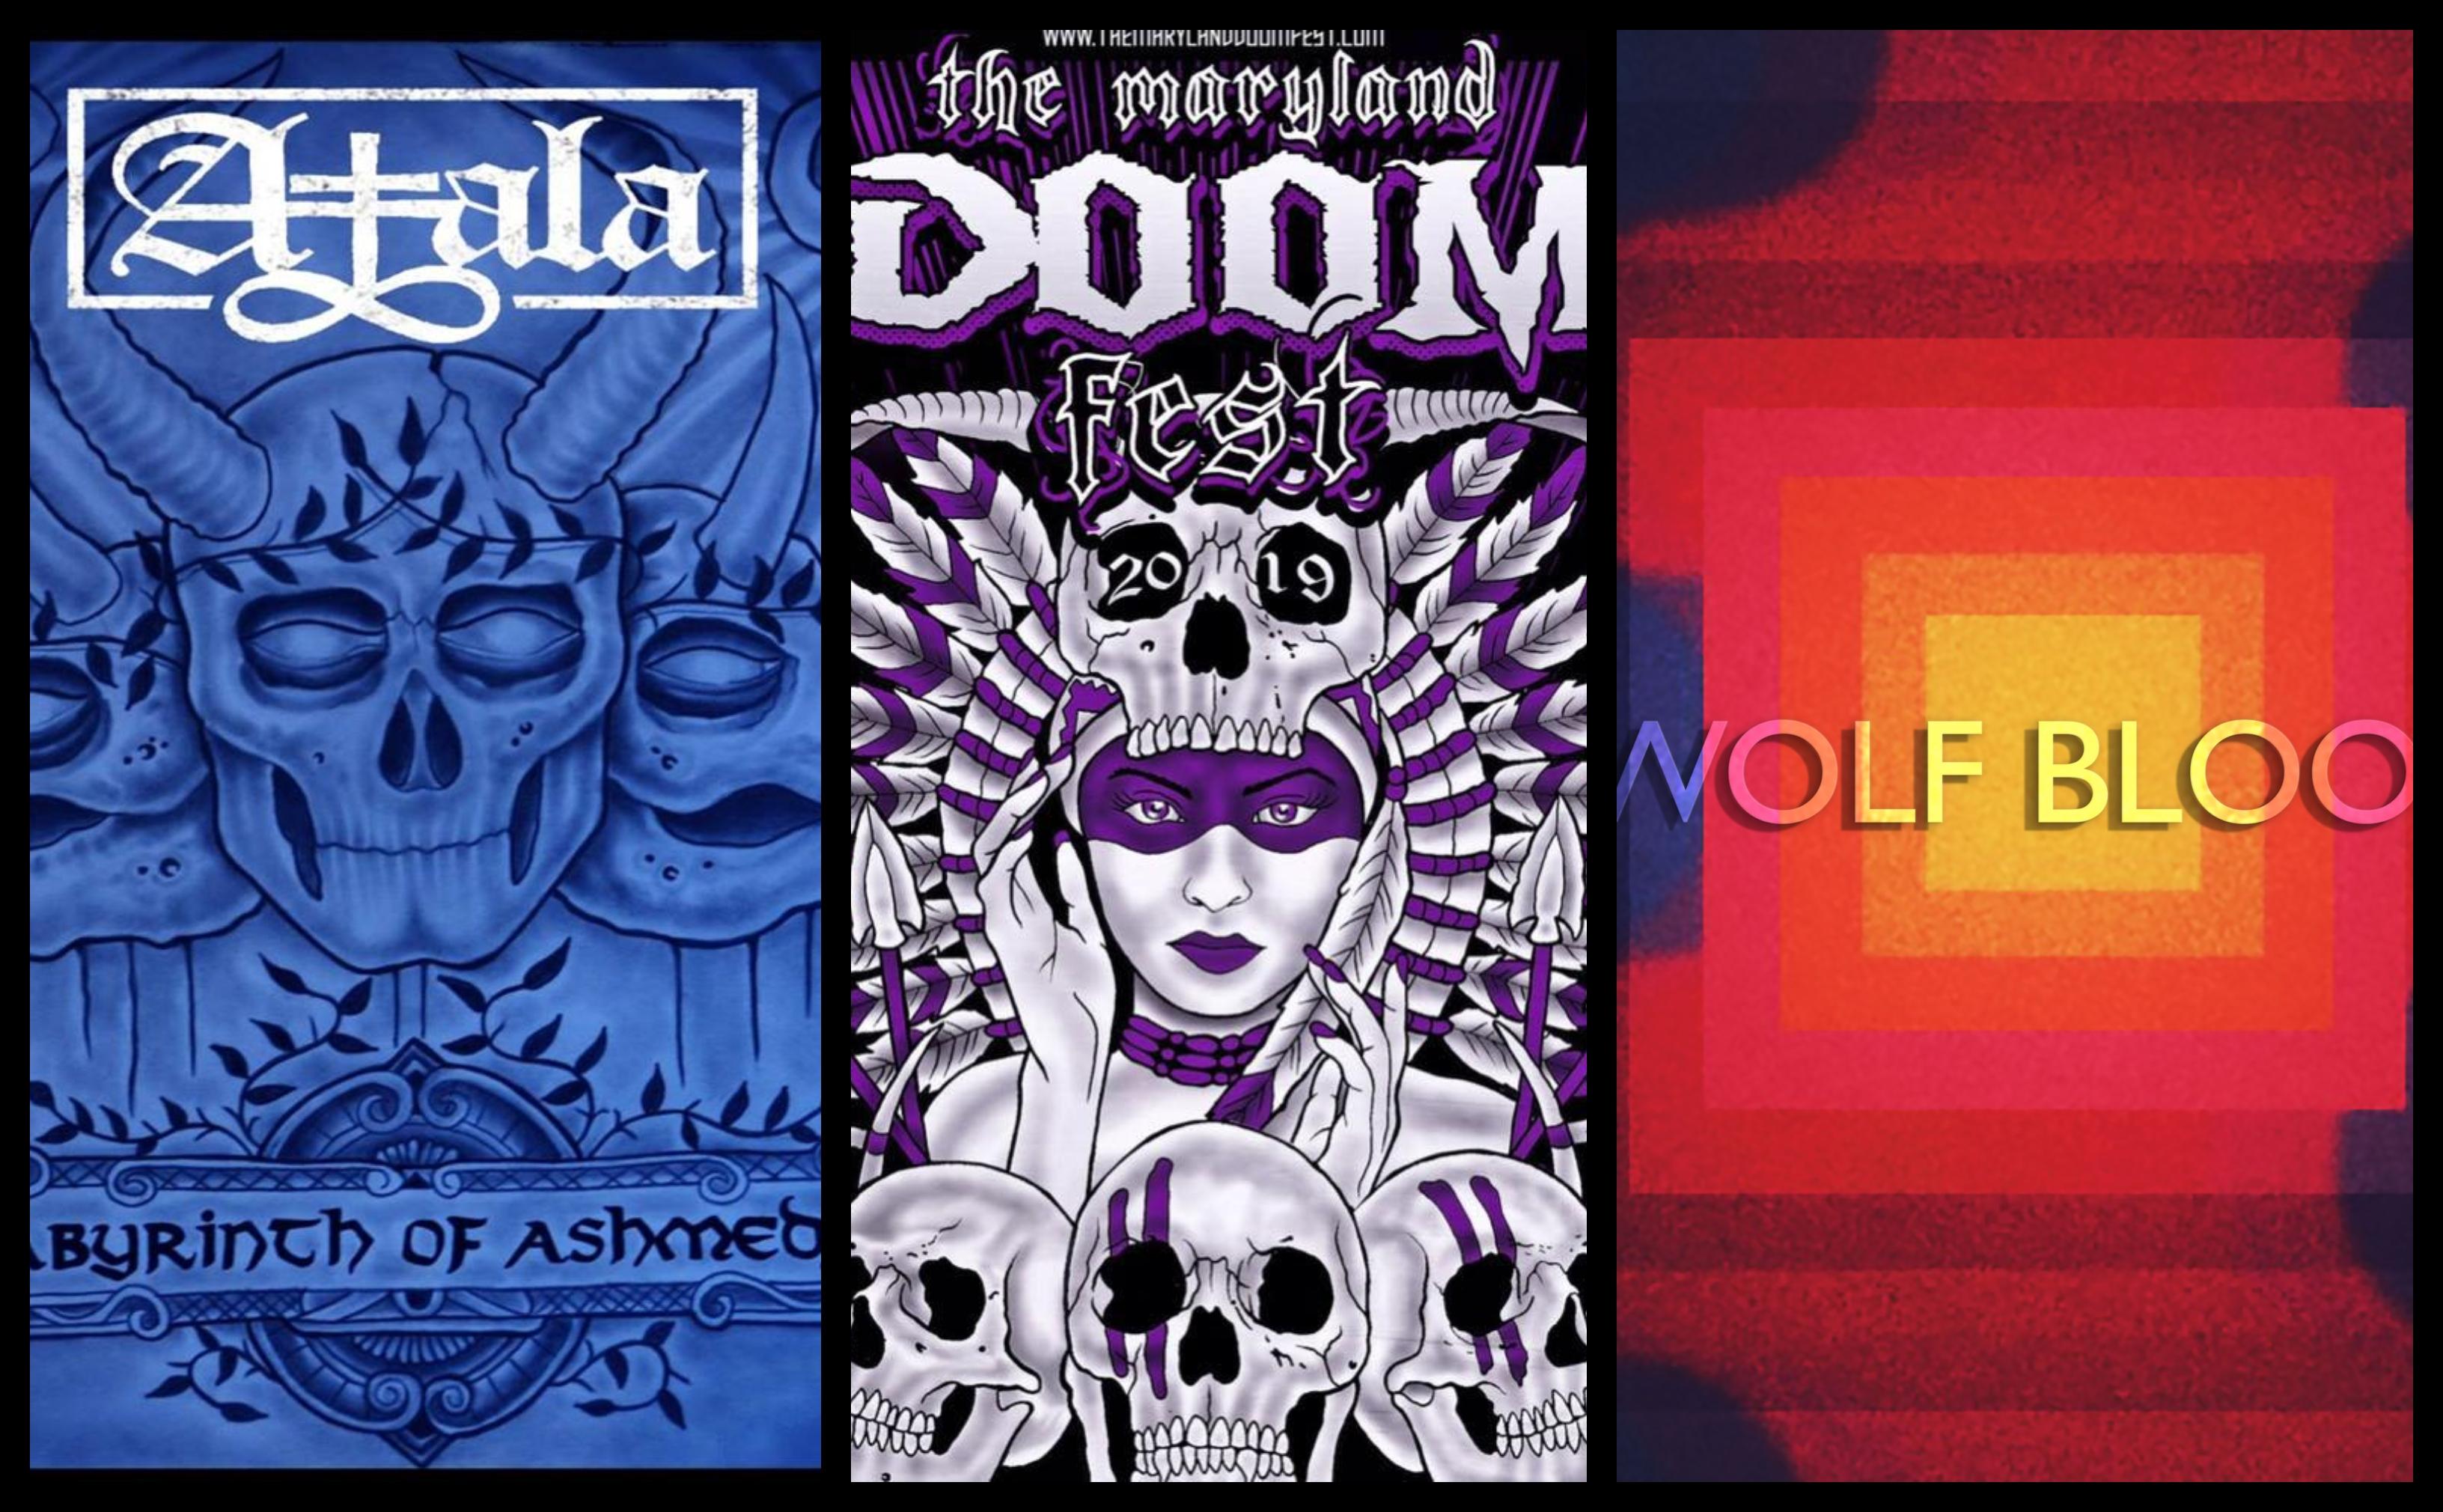 atala wolf blood maryland doom